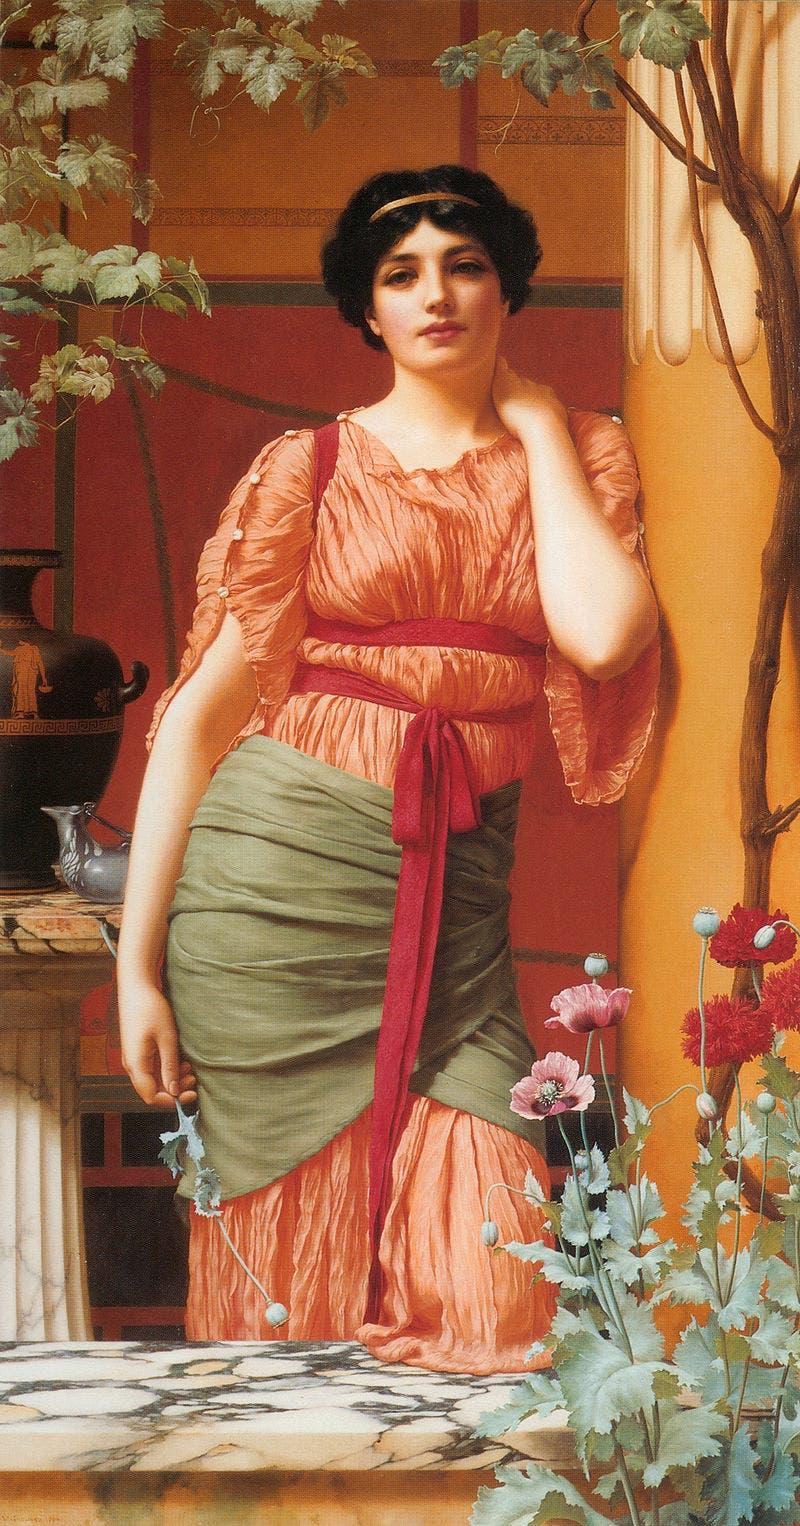 لوحة نيريسا